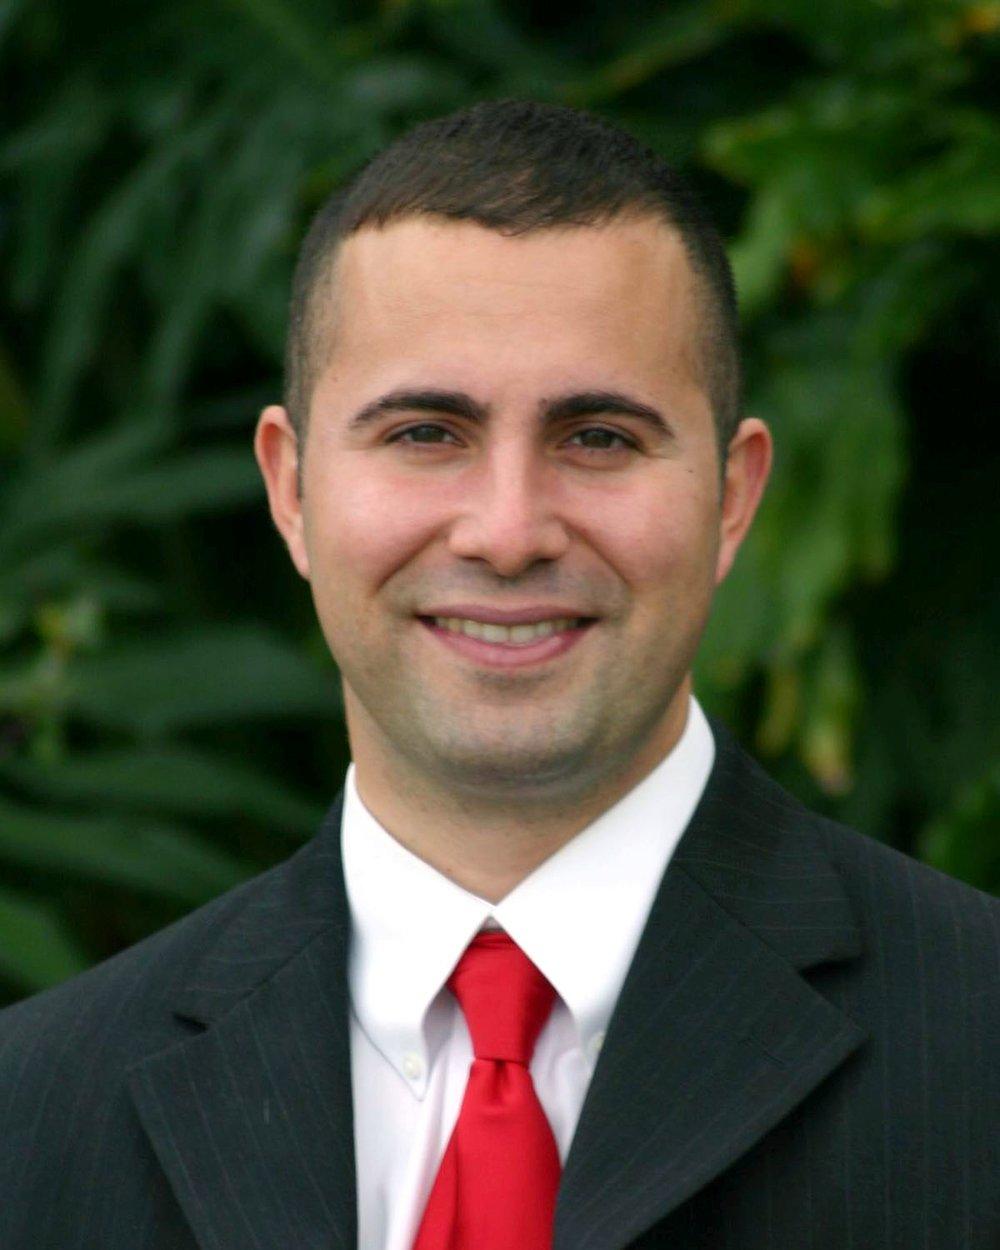 Darren Soto (FL-09)